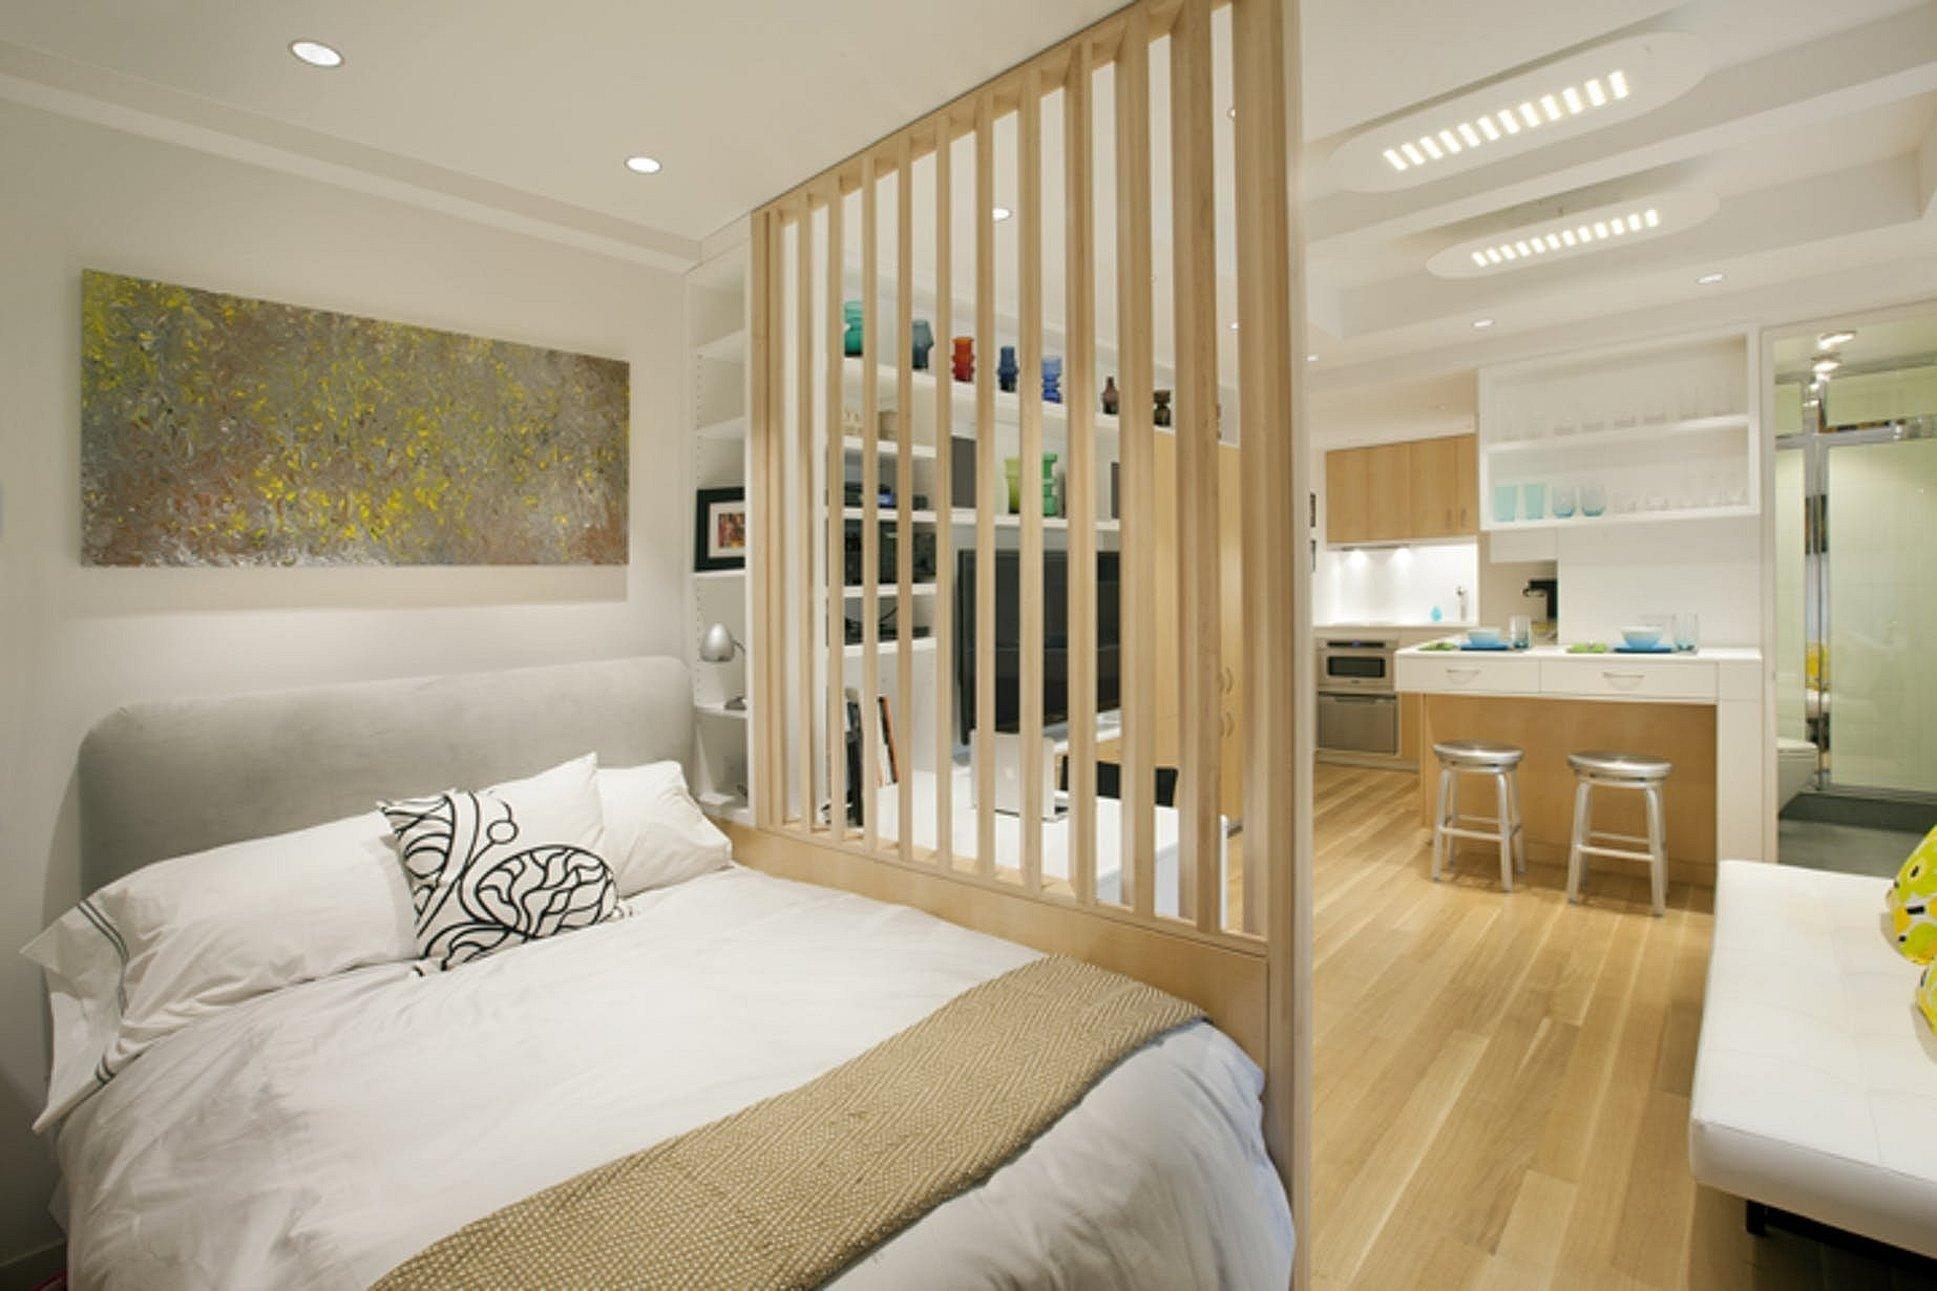 Реечная перегородка для зонирования гостиной и спальни